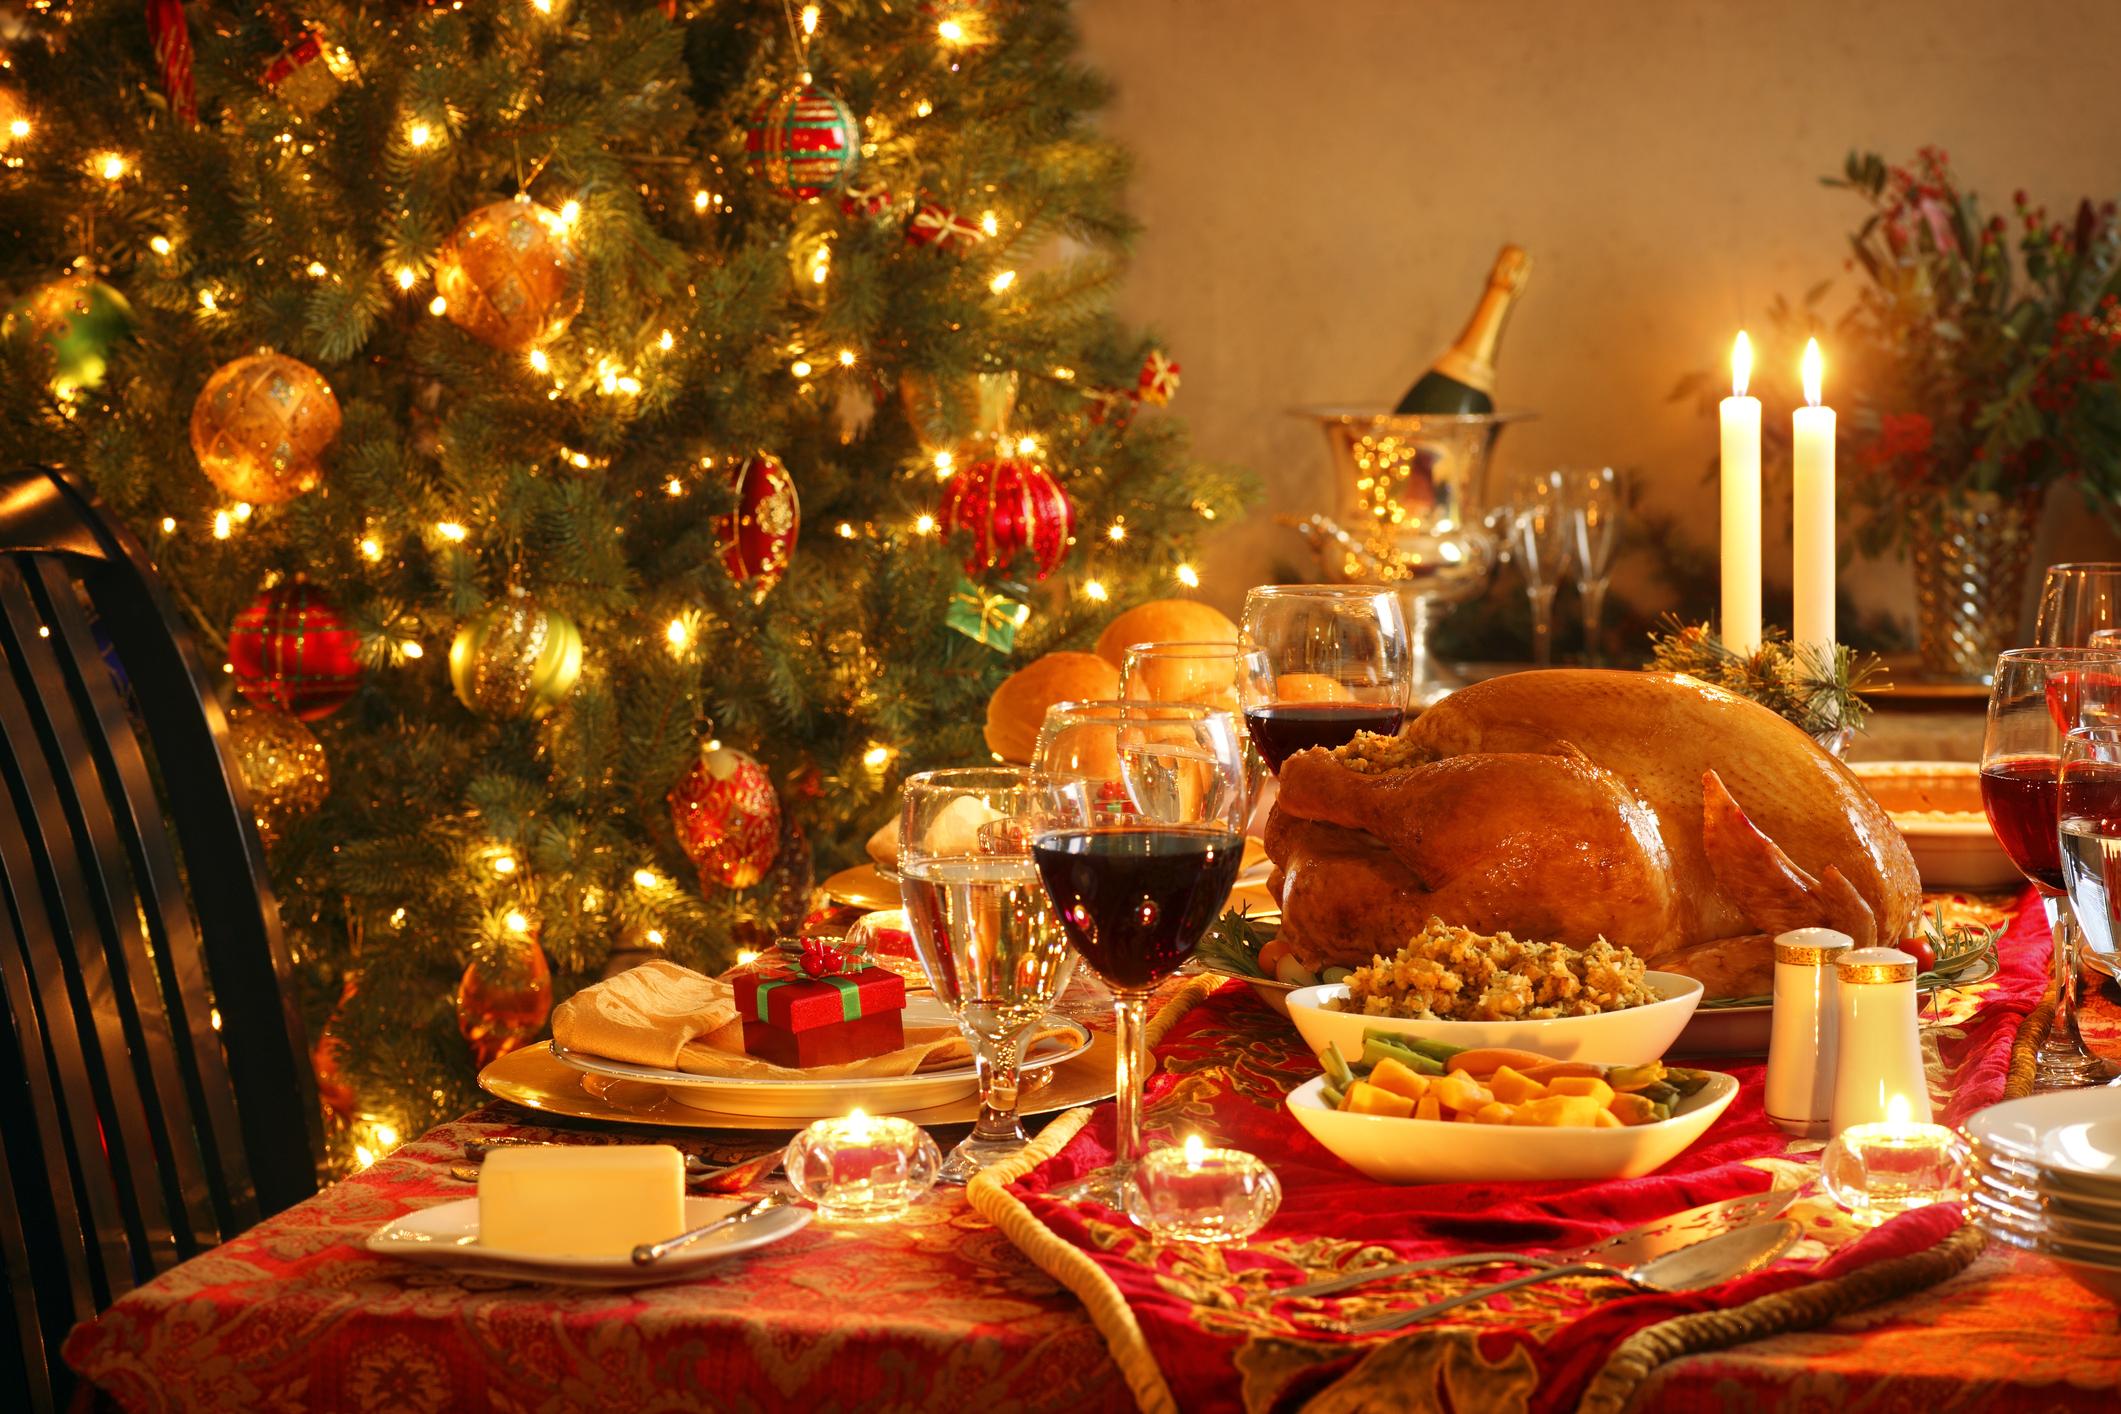 Weihnachten Hd Bilder.Weihnachten Bilder Weihnachten Hd Hintergrund And Background Fotos